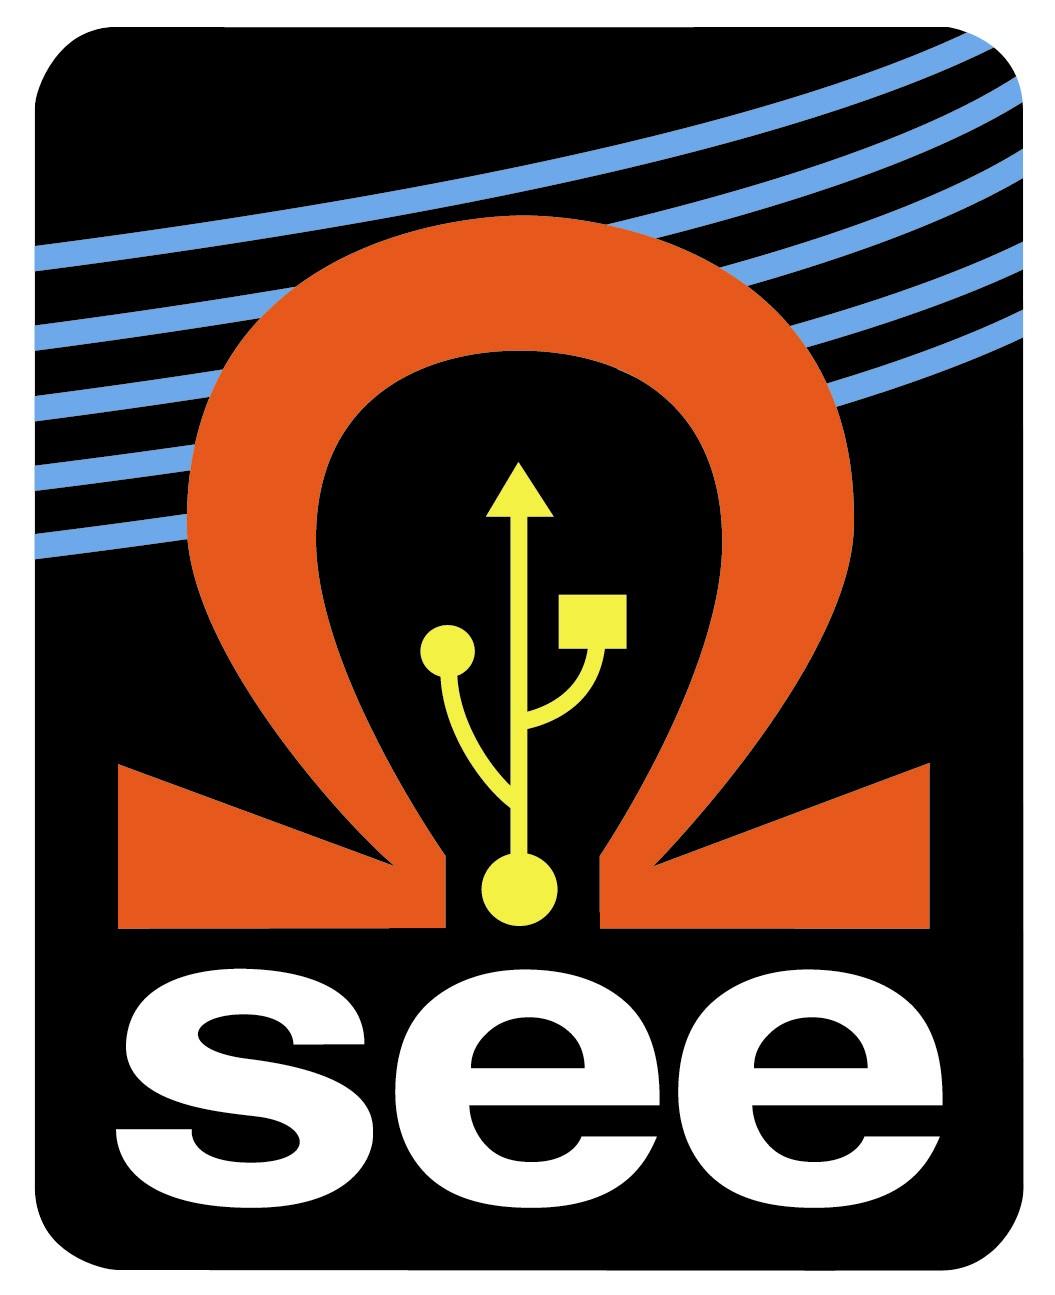 Société de l'électricité, de l'électronique et des technologies de l'information et de la communication